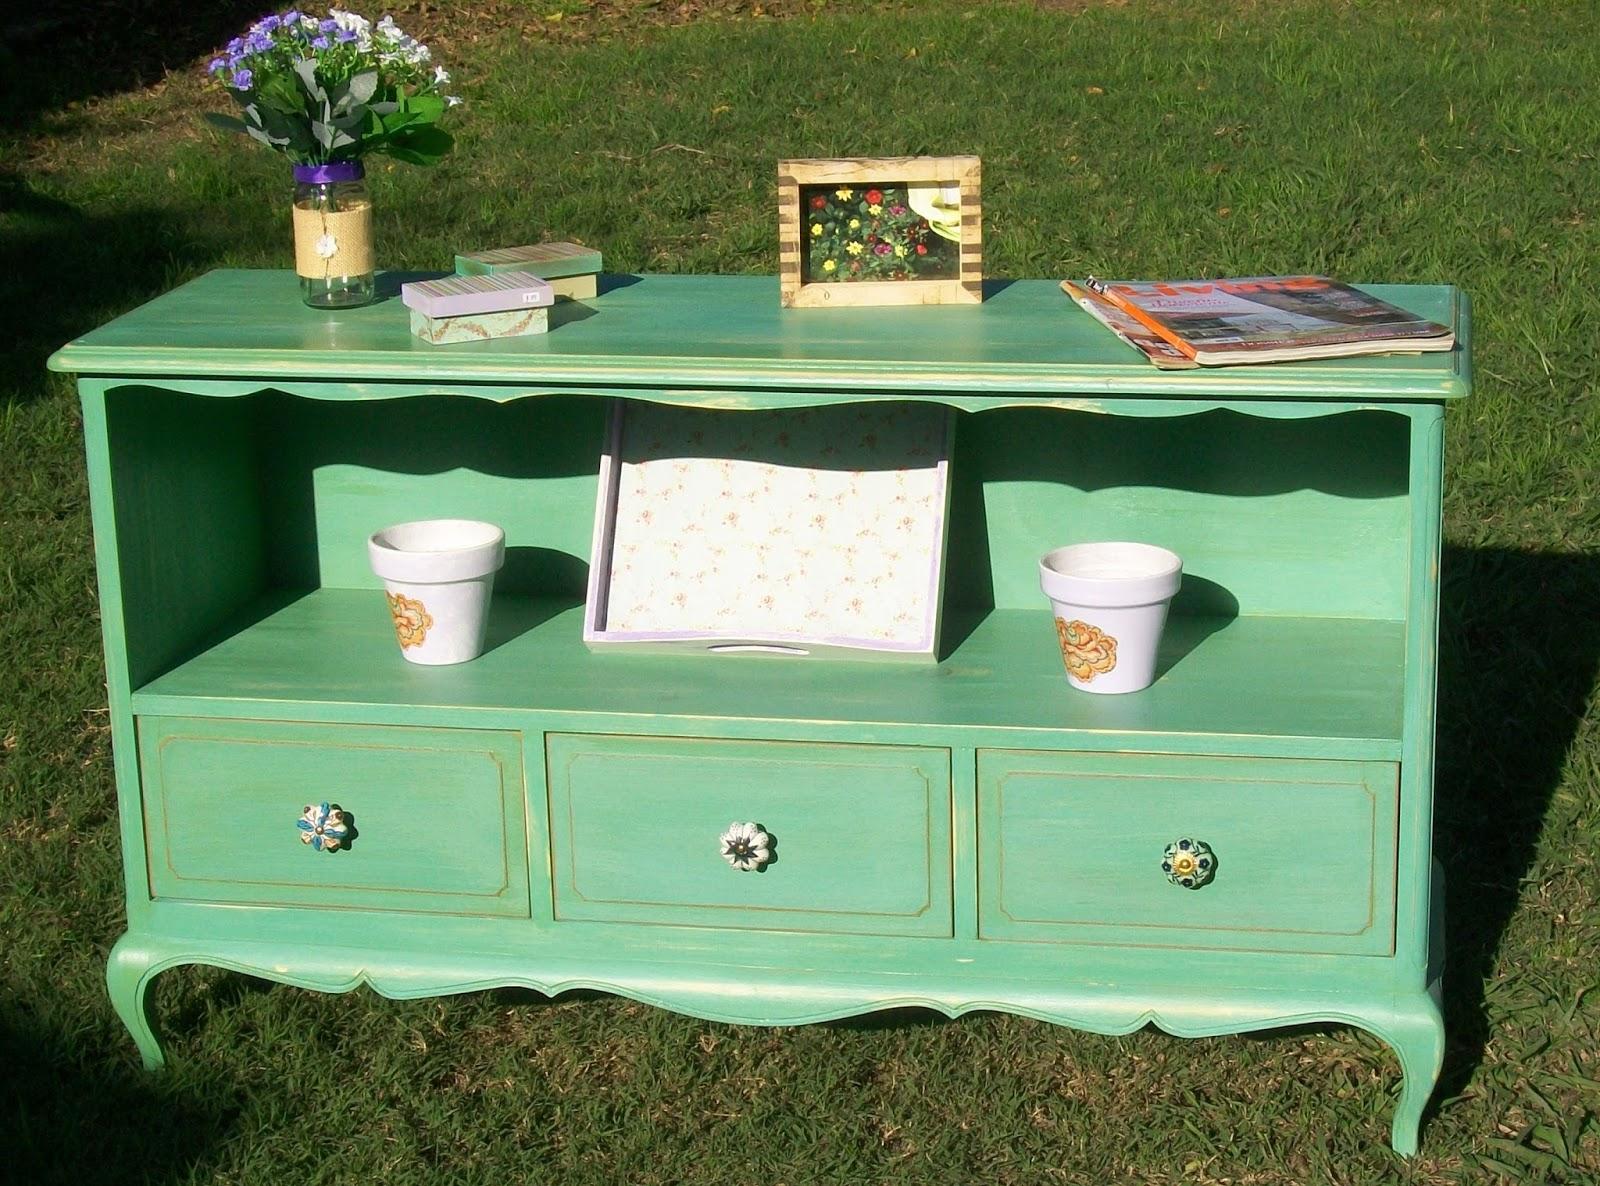 Punto estilo deco organizadores de ambiente vajilleros - Muebles en crudo para pintar ...